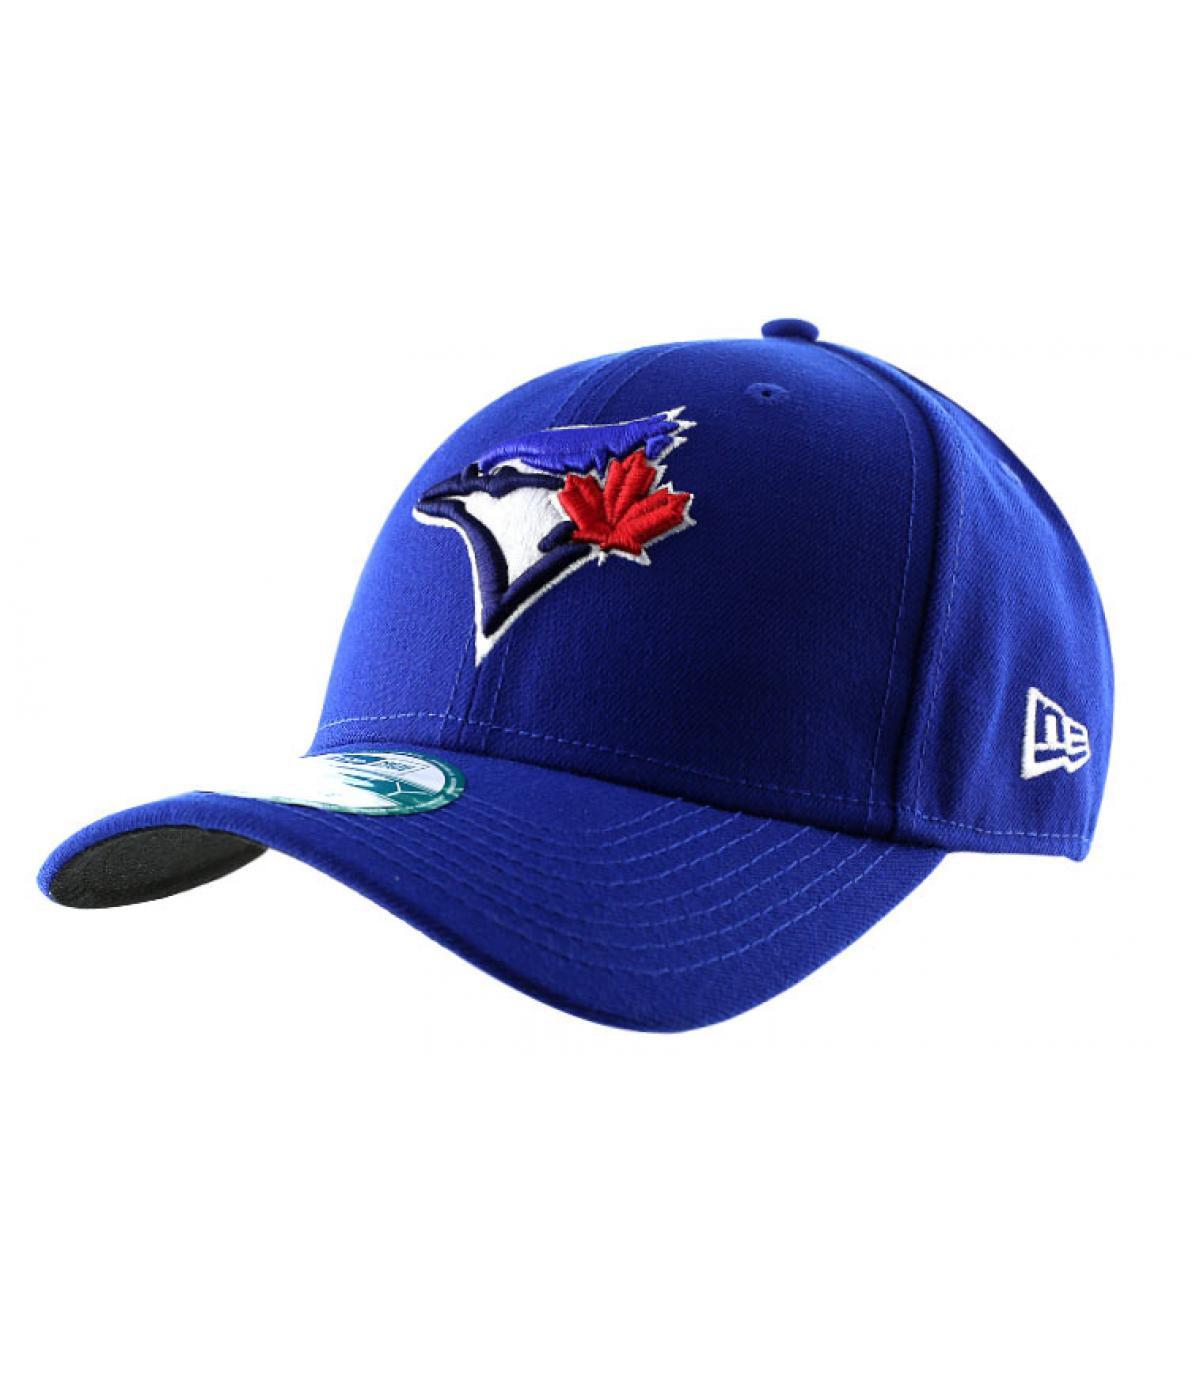 Détails Casquette Toronto league - image 2